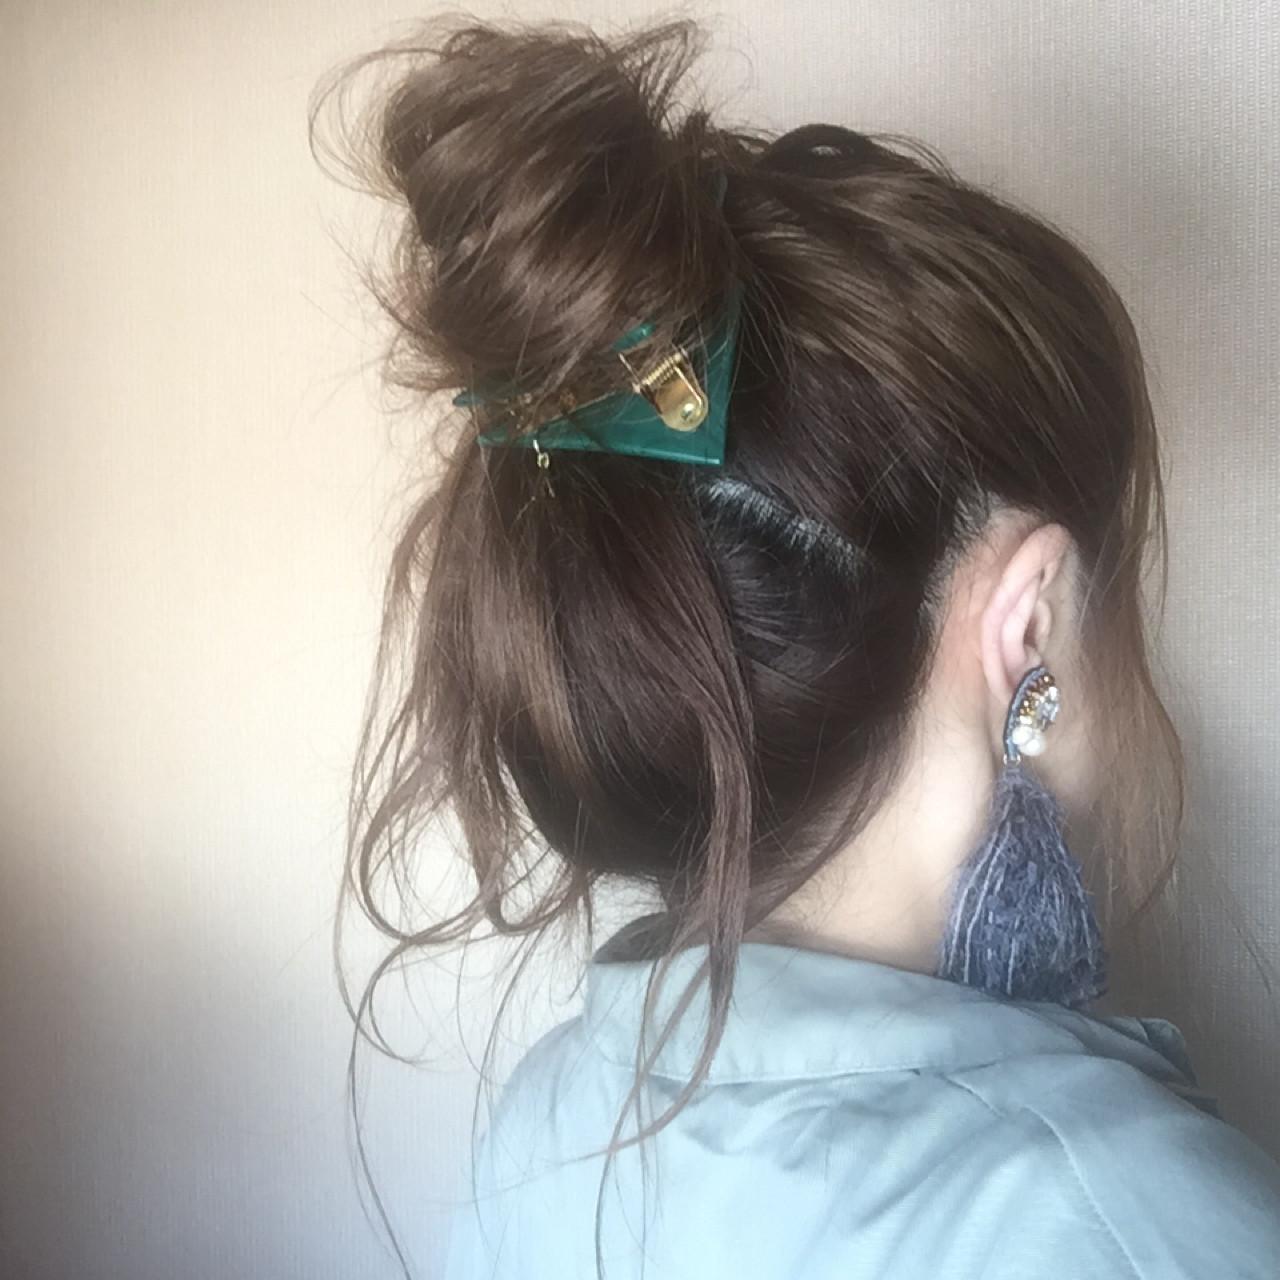 大人女子 ヘアアレンジ お団子 ロング ヘアスタイルや髪型の写真・画像